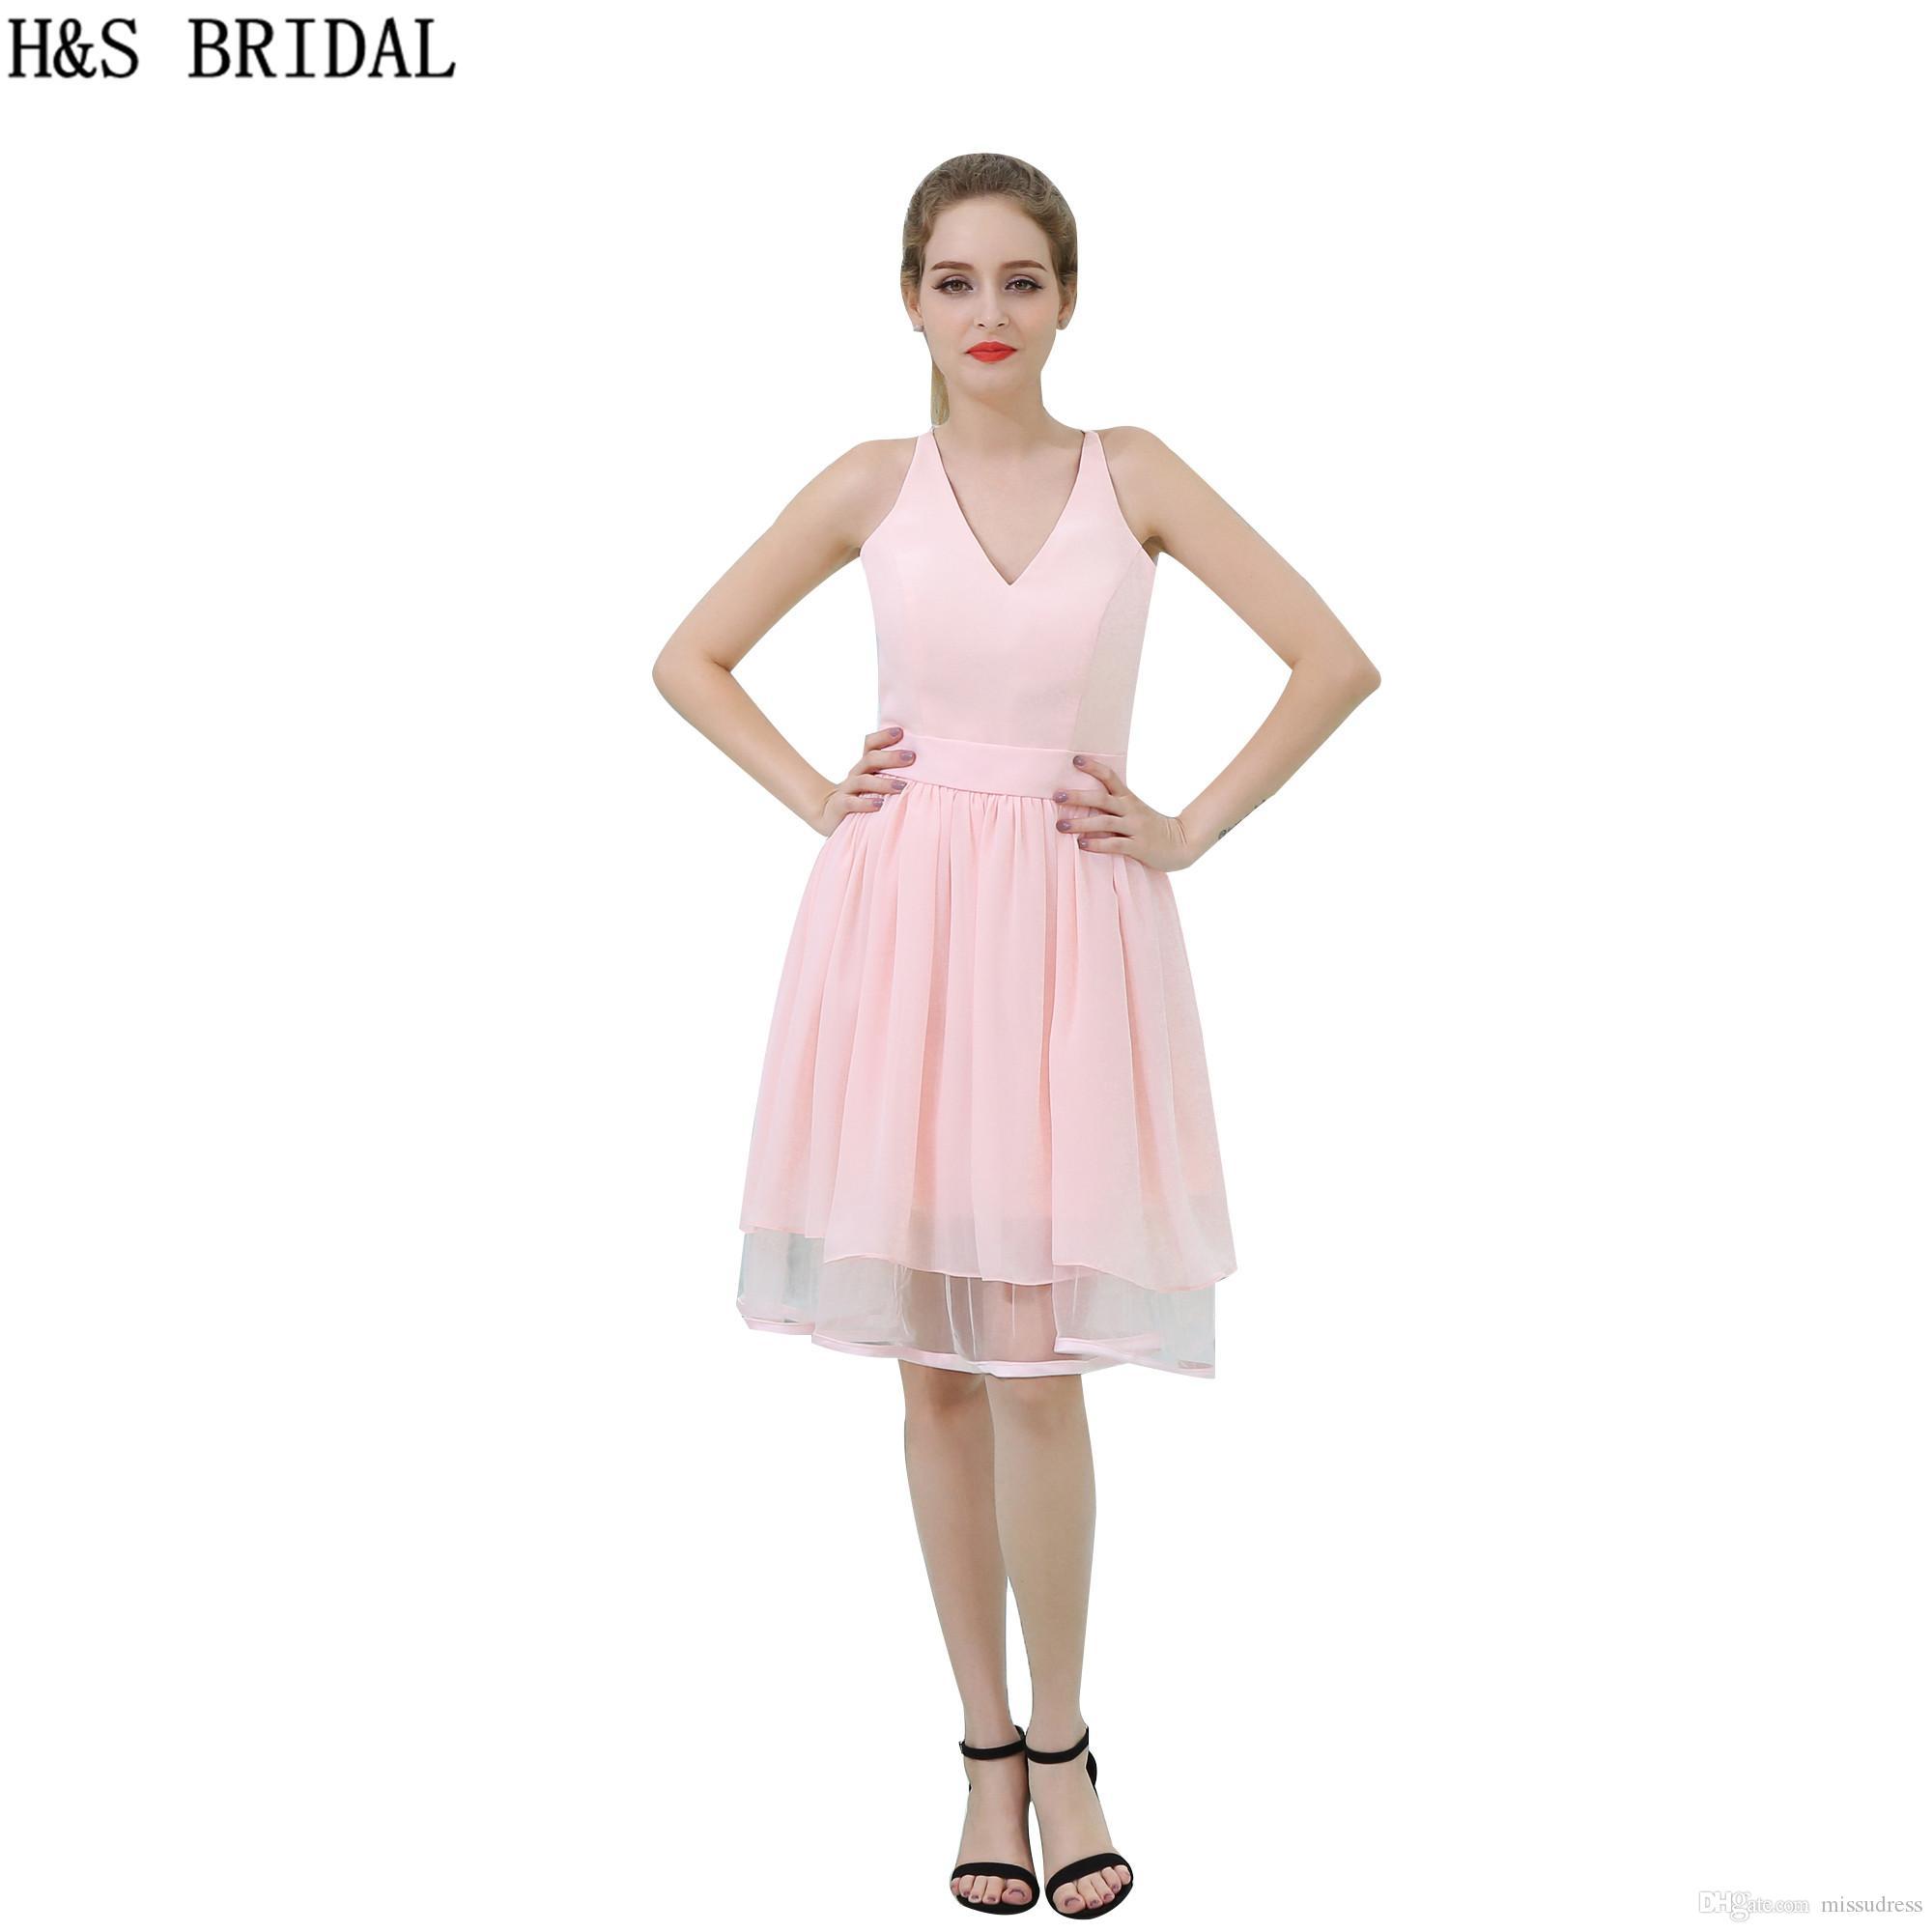 108d8f625 Compre Gasa Rosa Corto Vestido De Dama De Honor Barato Con Cuello En V  Vestidos Niñas Vestidos De Fiesta Espalda De Moda De Encaje Vestidos De  Baile B060 A ...